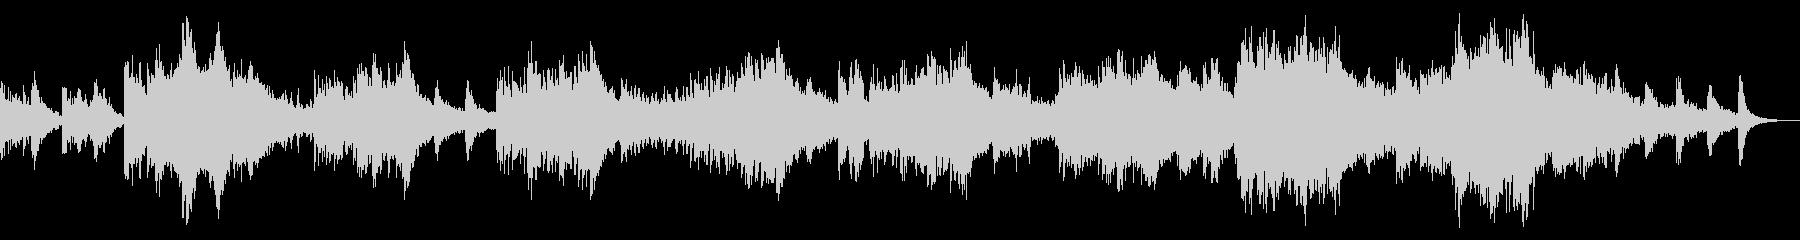 Superluminal Pianoの未再生の波形